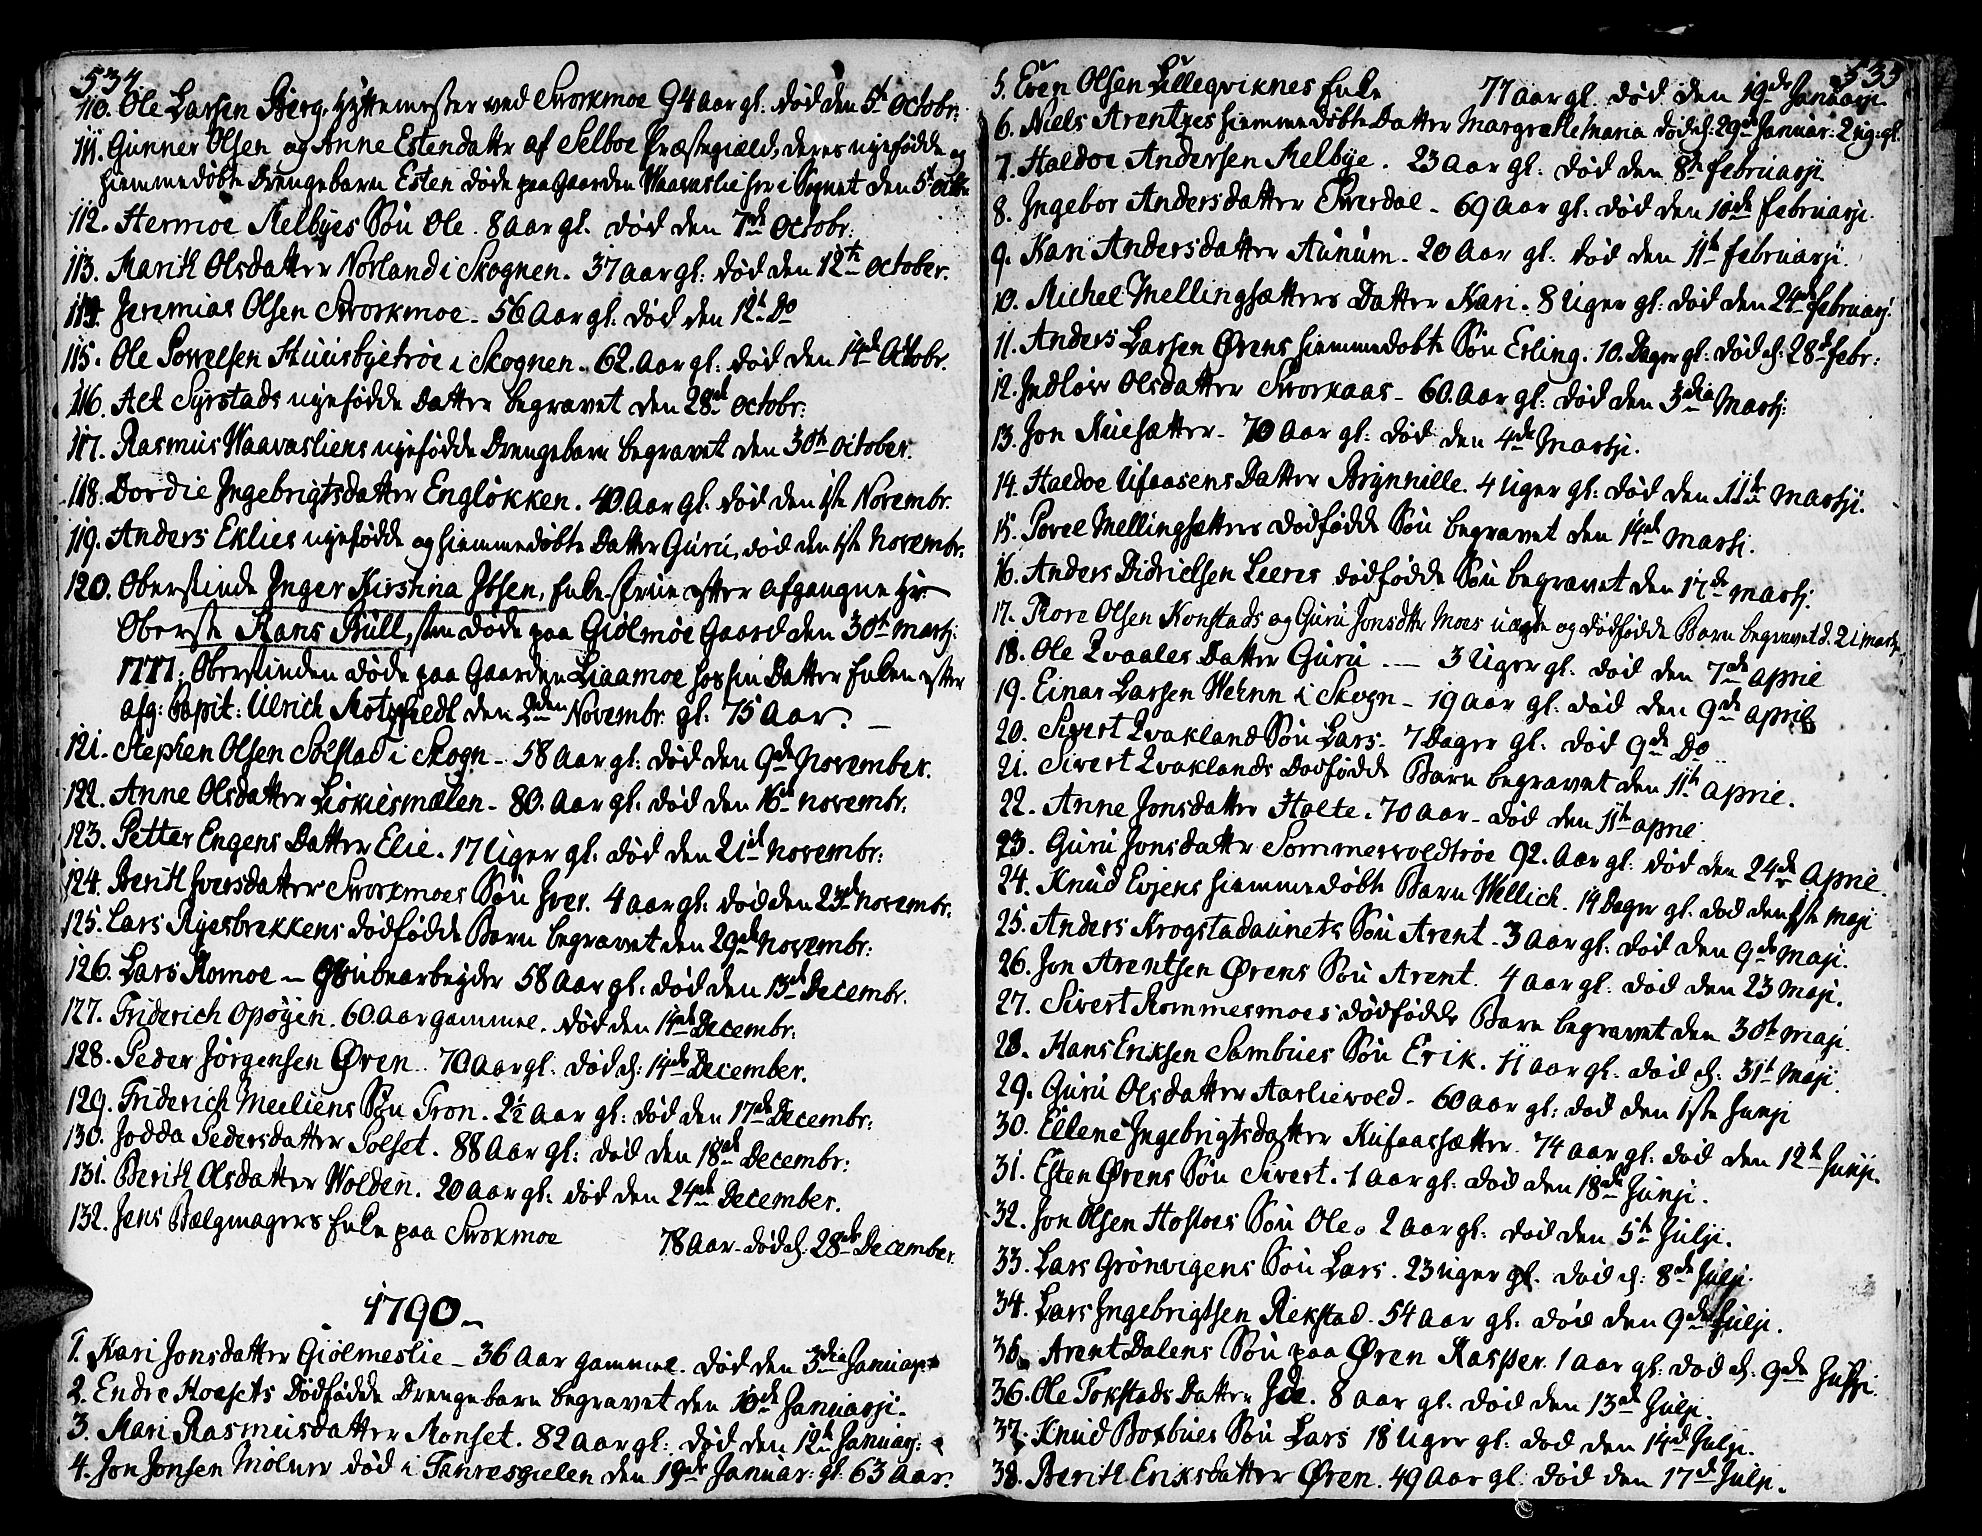 SAT, Ministerialprotokoller, klokkerbøker og fødselsregistre - Sør-Trøndelag, 668/L0802: Ministerialbok nr. 668A02, 1776-1799, s. 534-535